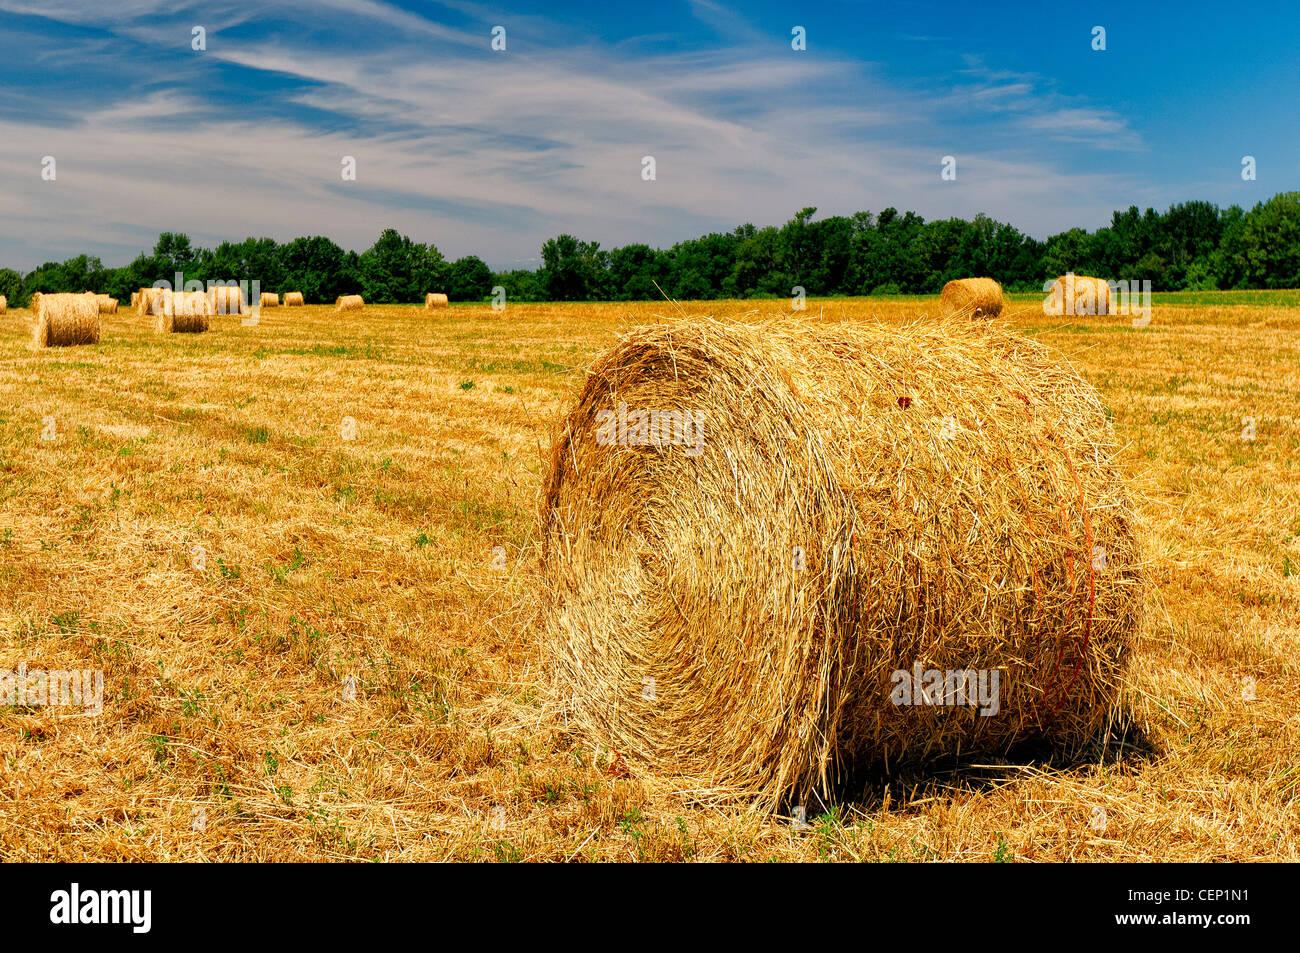 Bales of Hay in the Niagara Region, Ontario, Canada - Stock Image